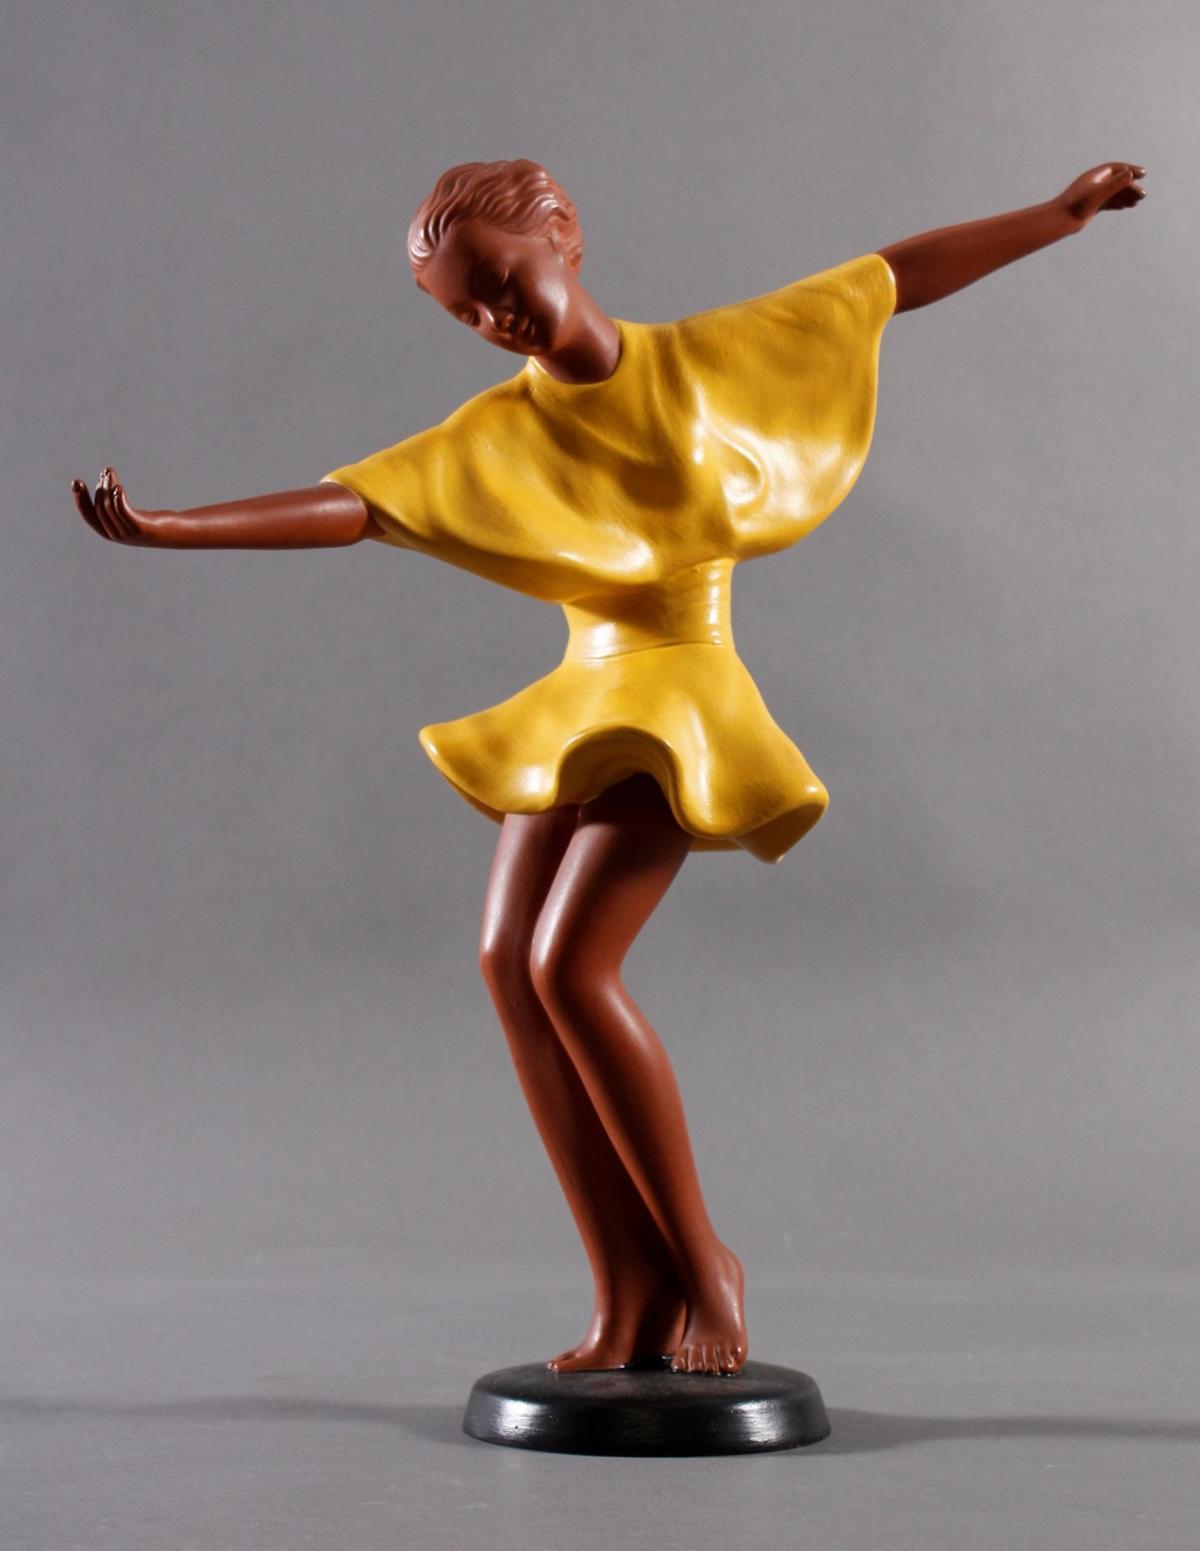 Goldscheider Keramikfigur 'Getanzte Harmonie' um 1941